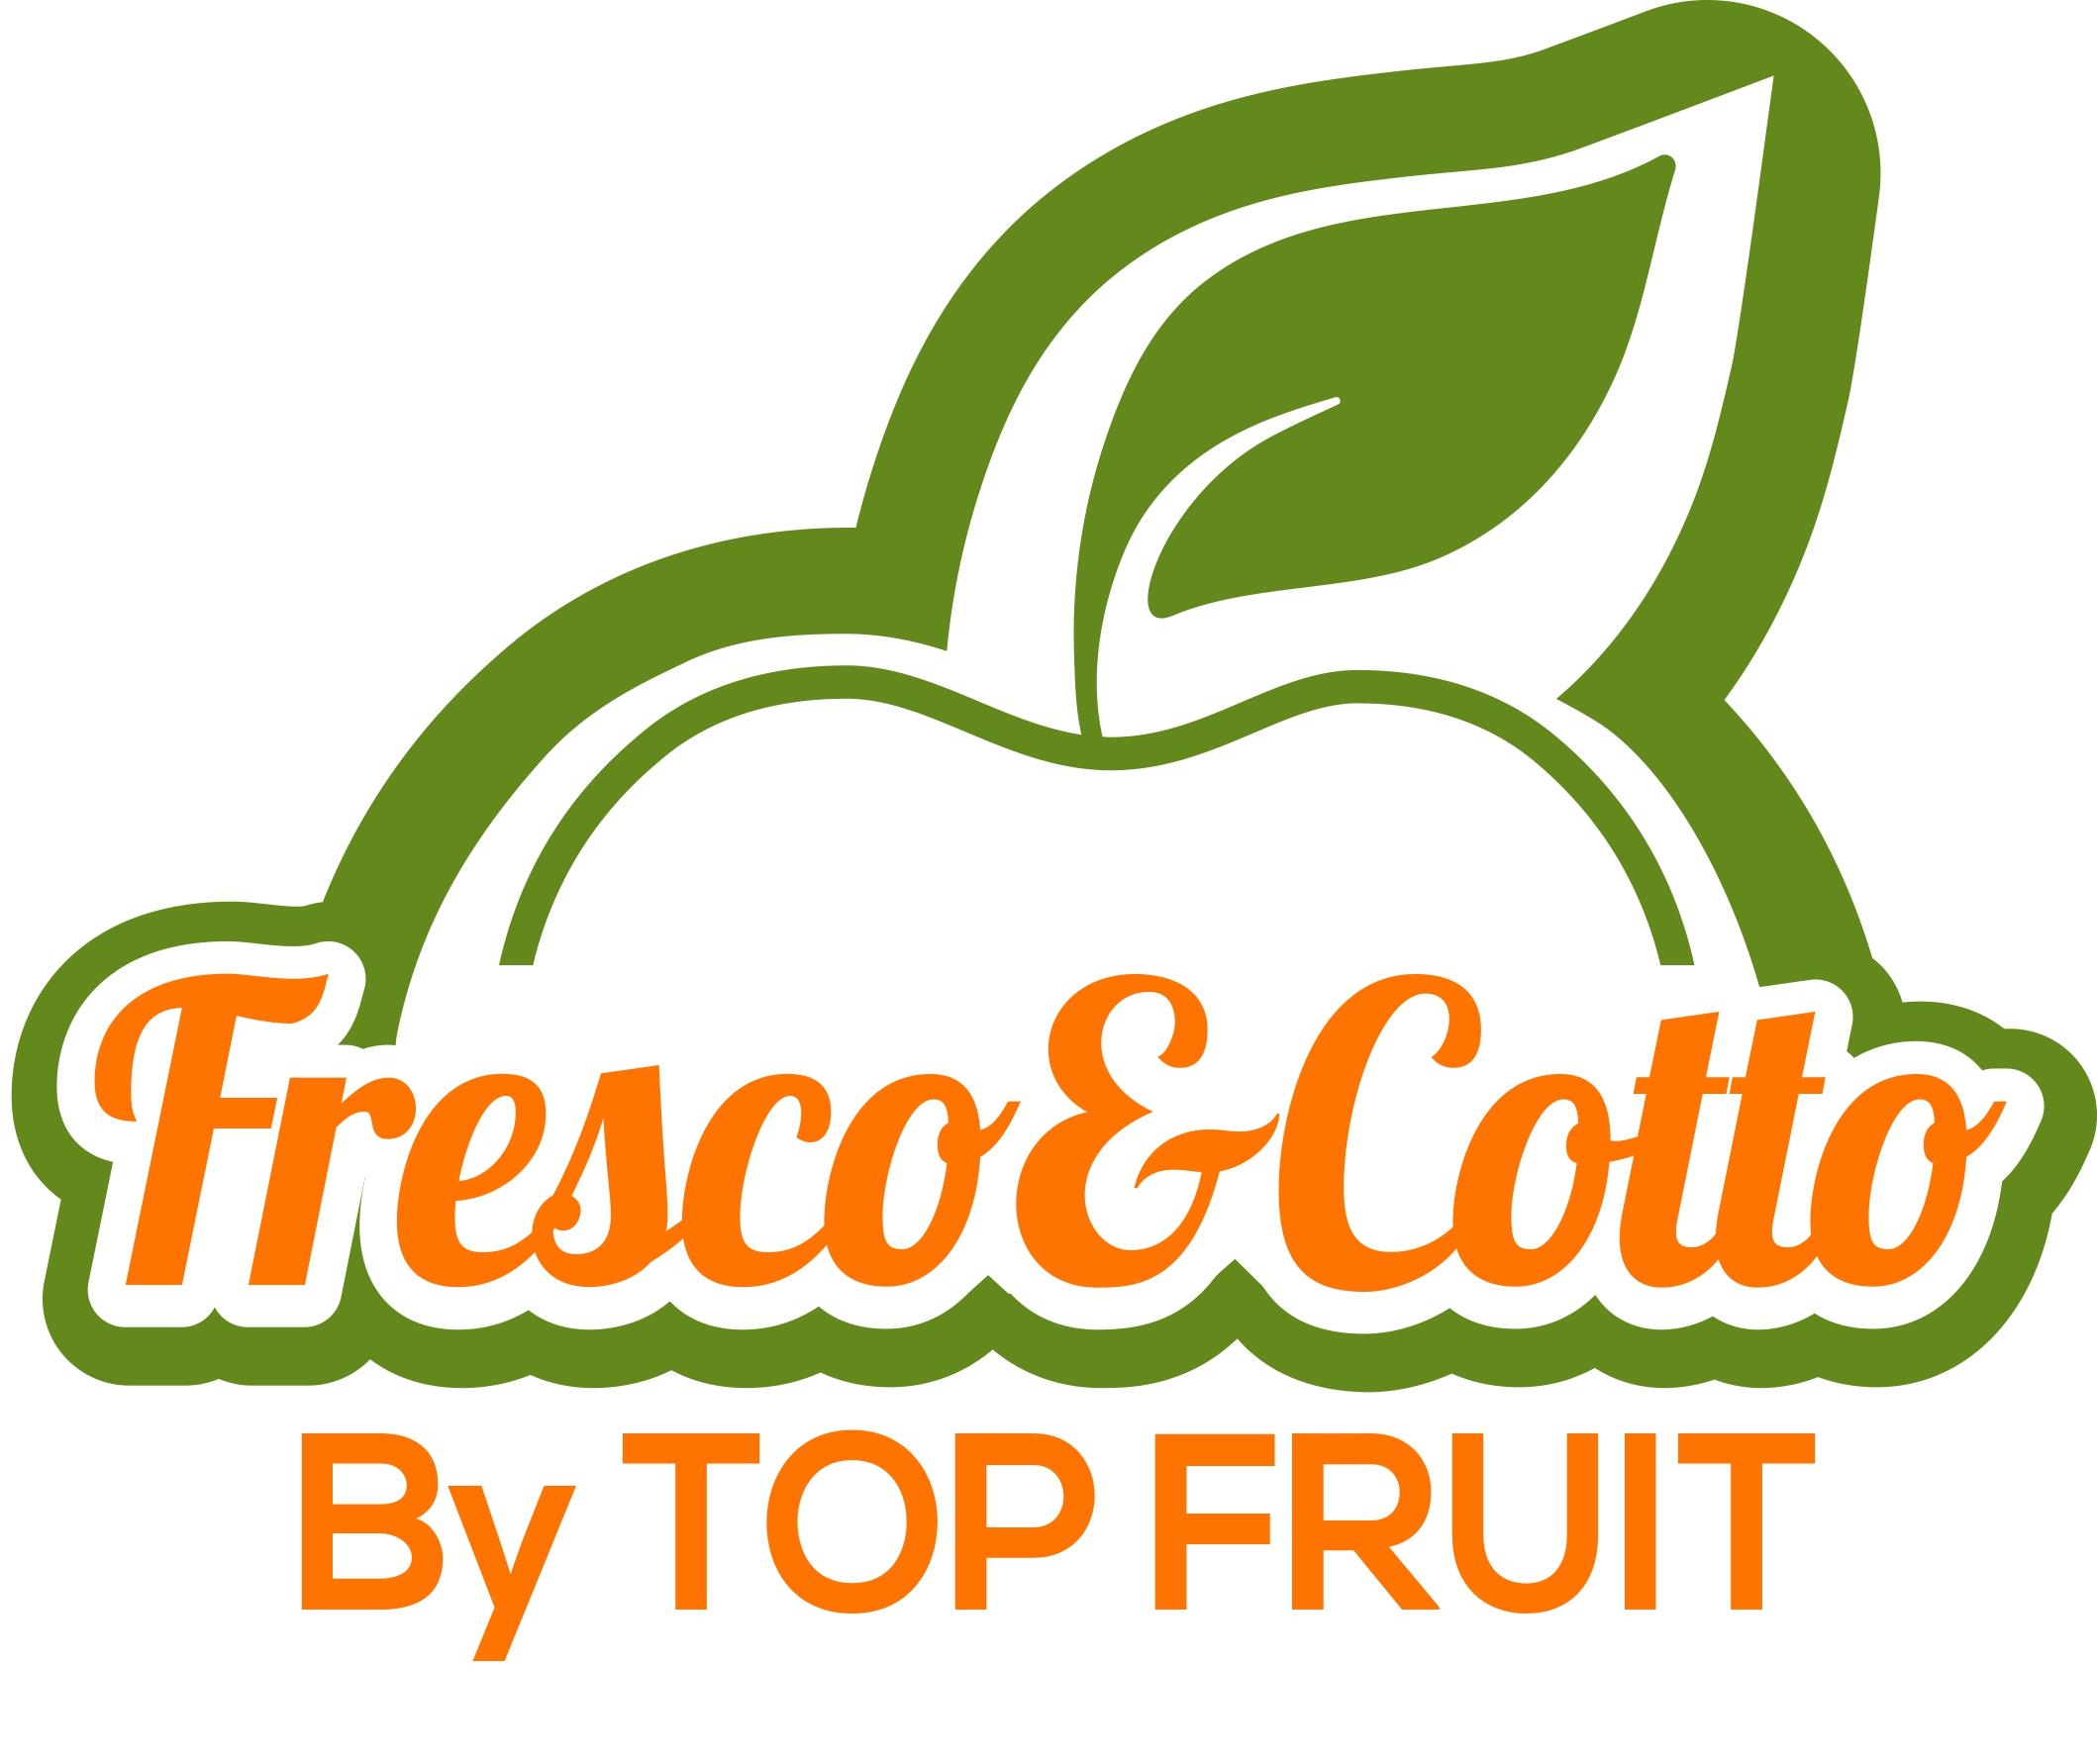 Fresco & Cotto